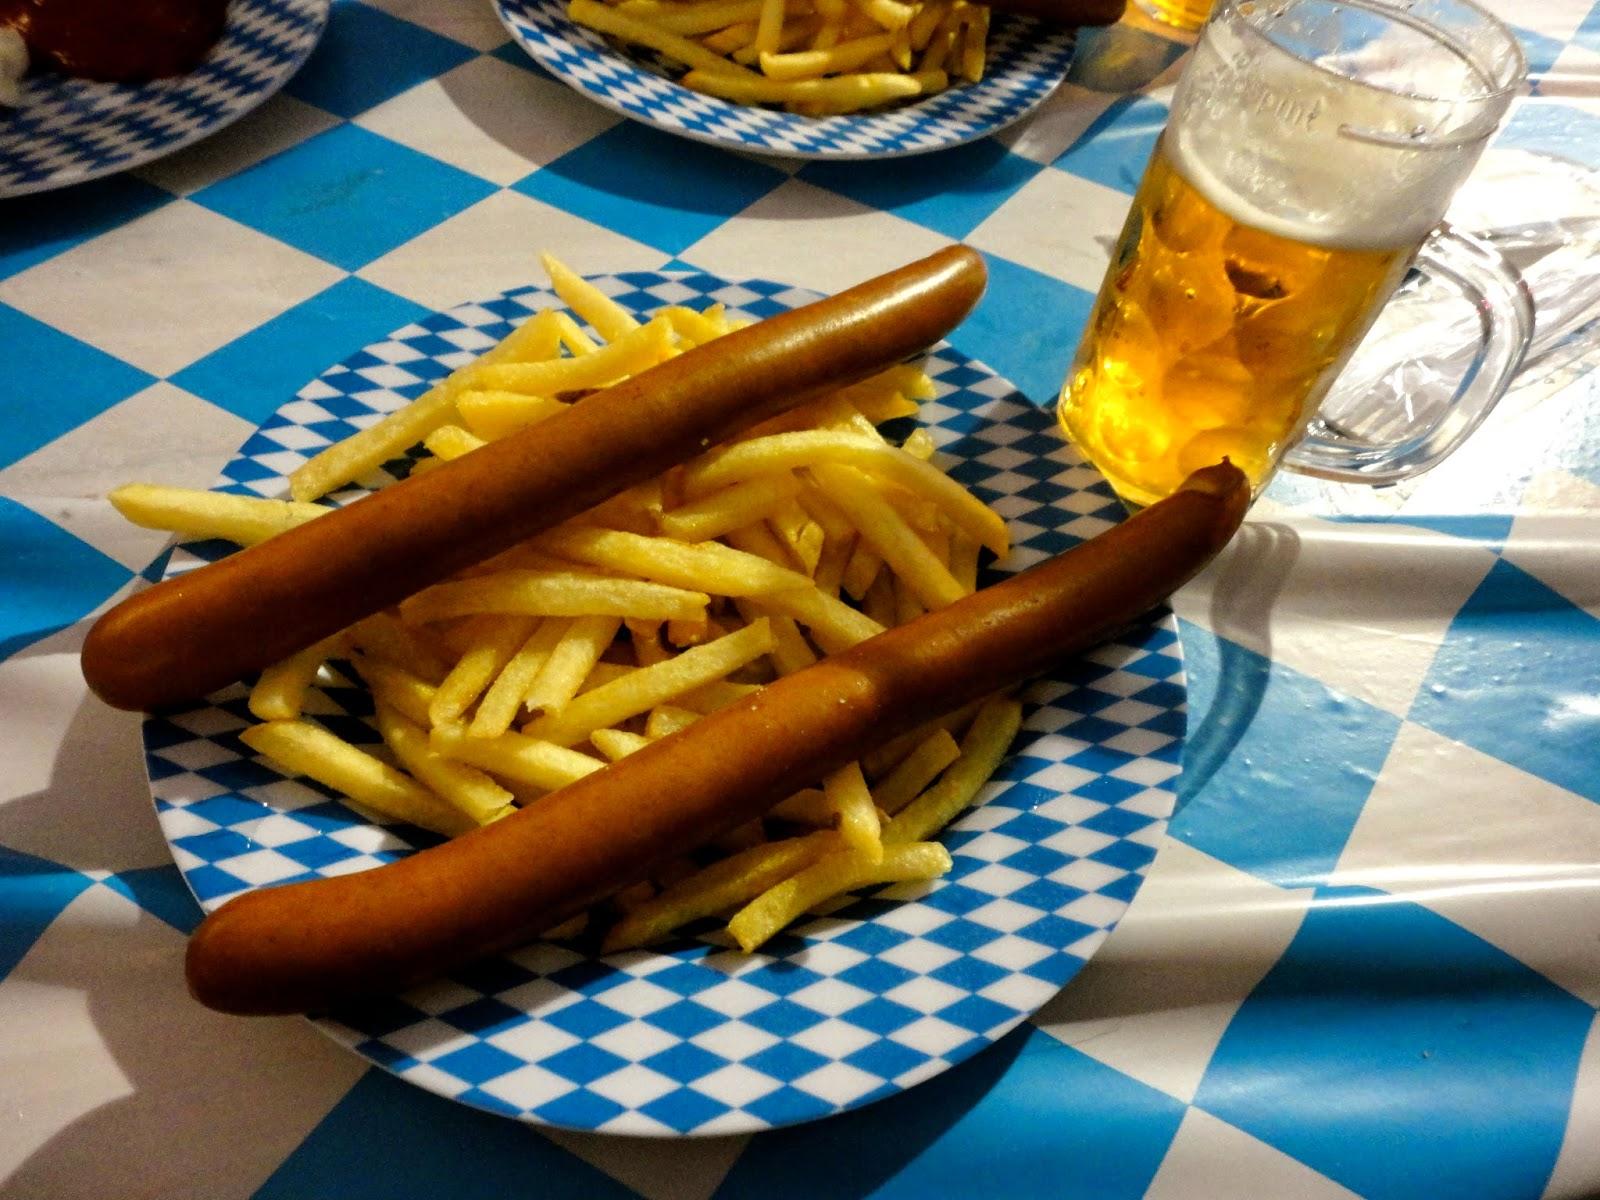 german sausage fries and beer at edinburgh oktoberfest